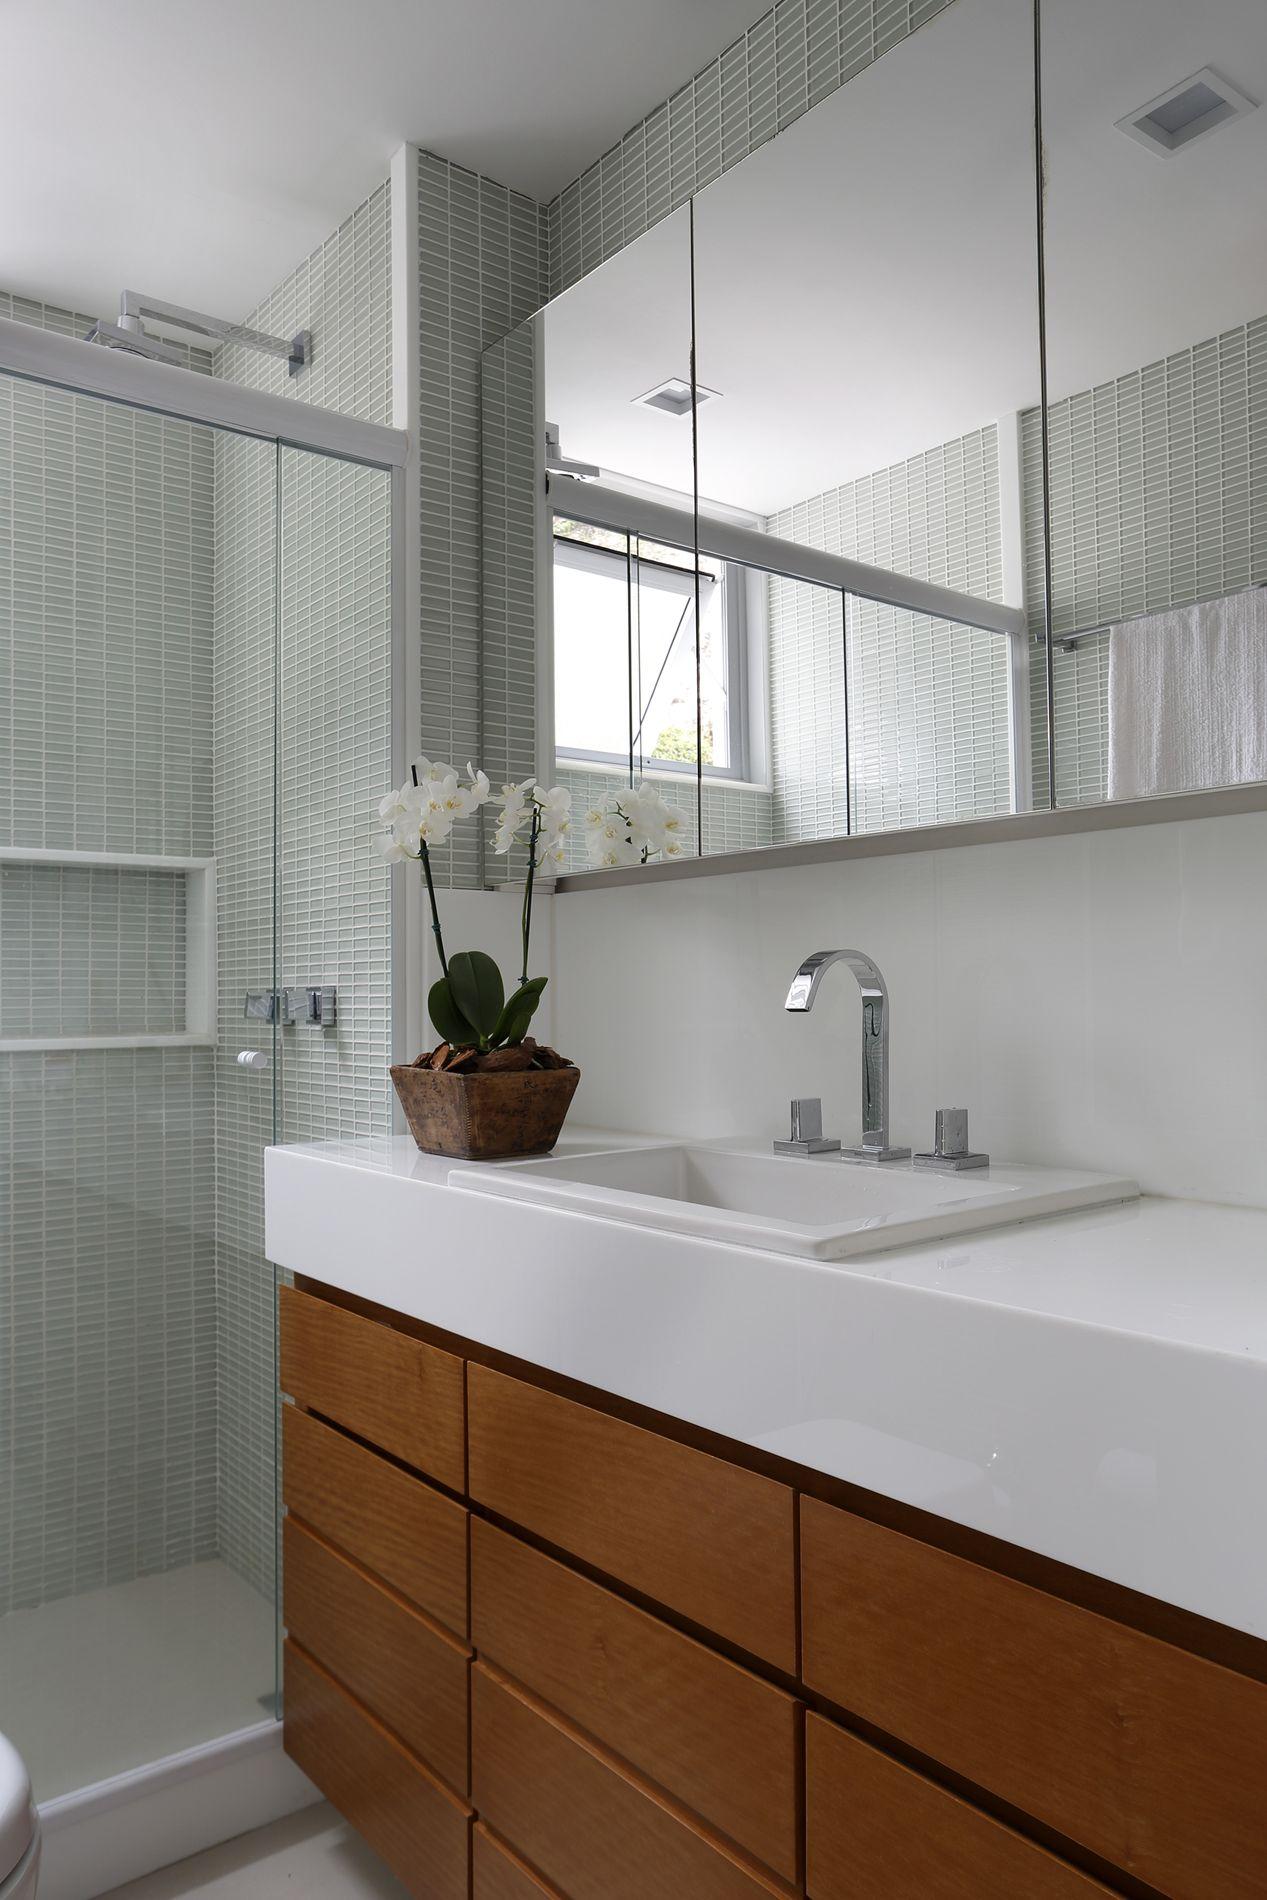 Projeto de Arquitetura e Decoração para Banheiros Pequenos em  #603718 1267x1900 Arquitetura Banheiro Pequeno